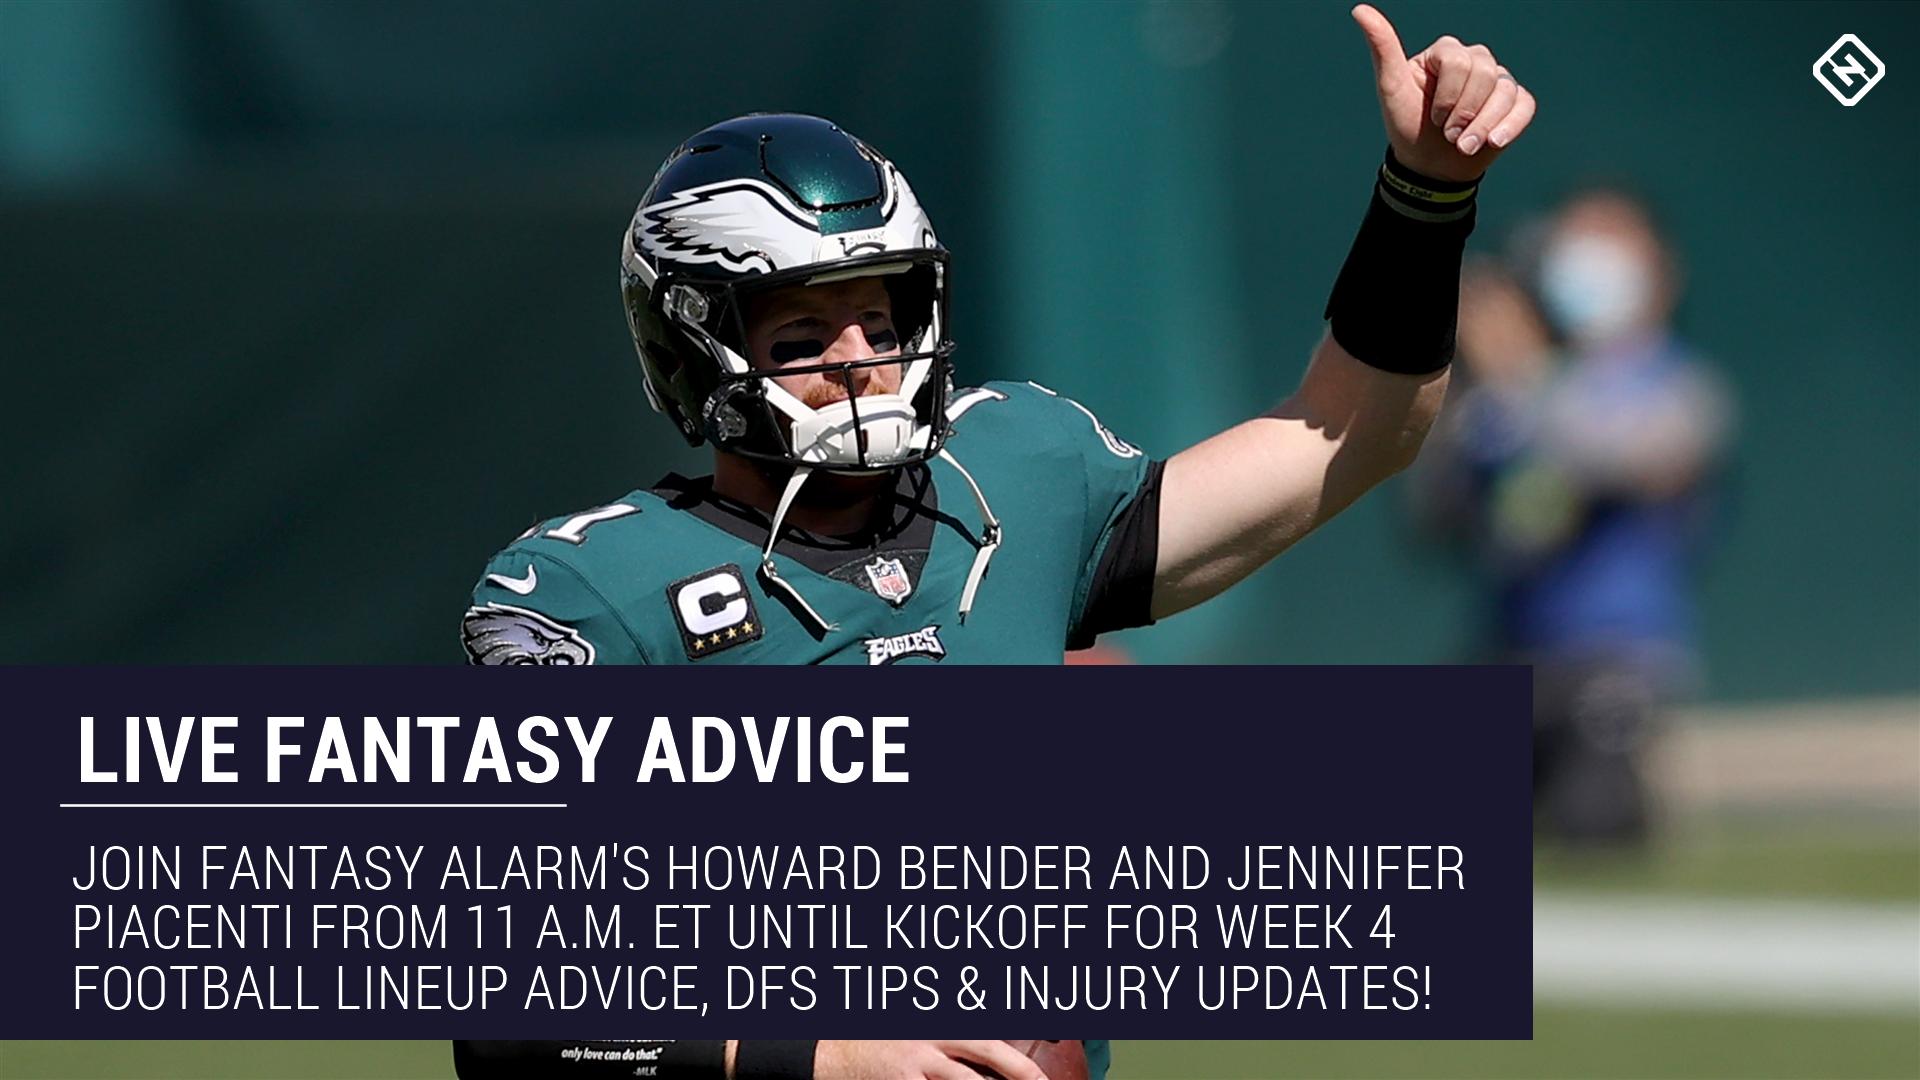 Live Week 4 Fantasy Football Advice: Injury updates, start 'em sit 'em, NFL DFS tips, more